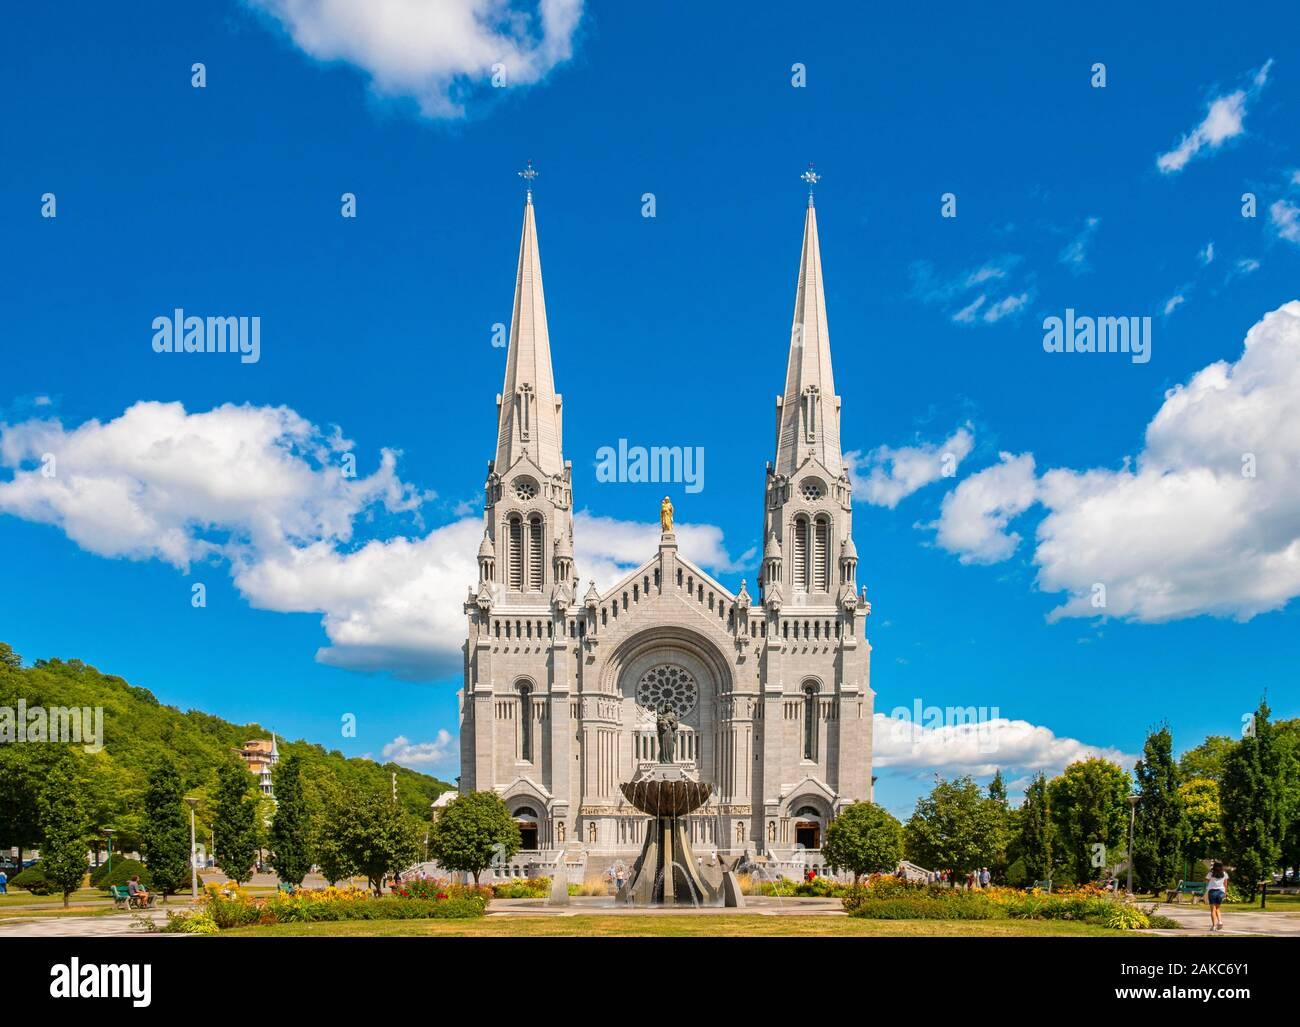 Canada, Quebec province, Capitale Nationale region, Beaupre CoaSaint Saint Anne de Beaupre, Sainte Anne de Beaupre basilica Stock Photo